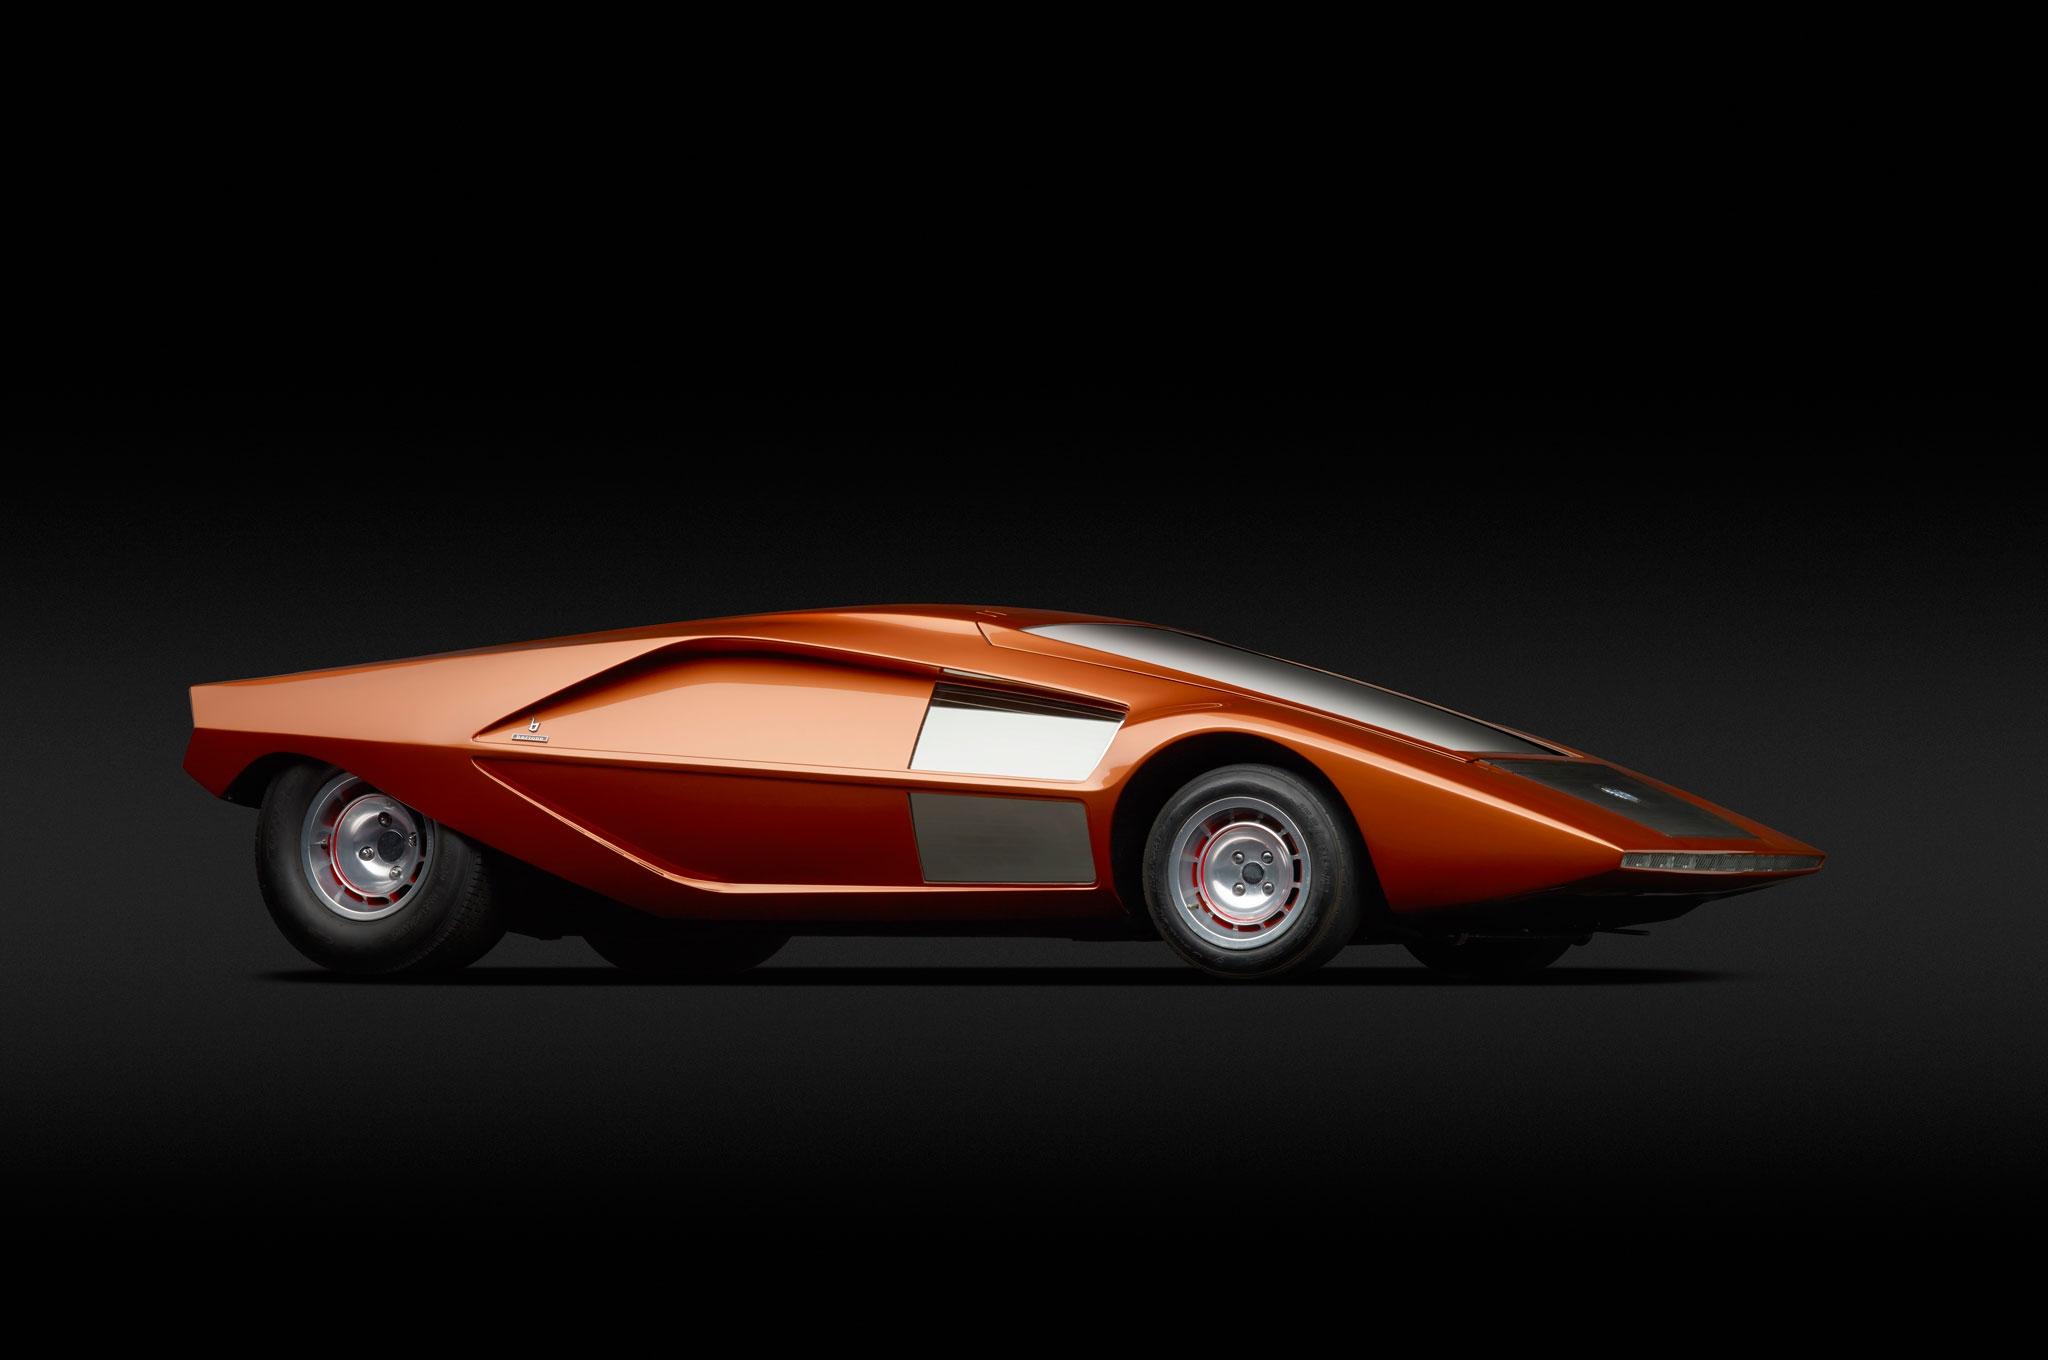 los autos conceptos de lujo m s extravagantes de la. Black Bedroom Furniture Sets. Home Design Ideas